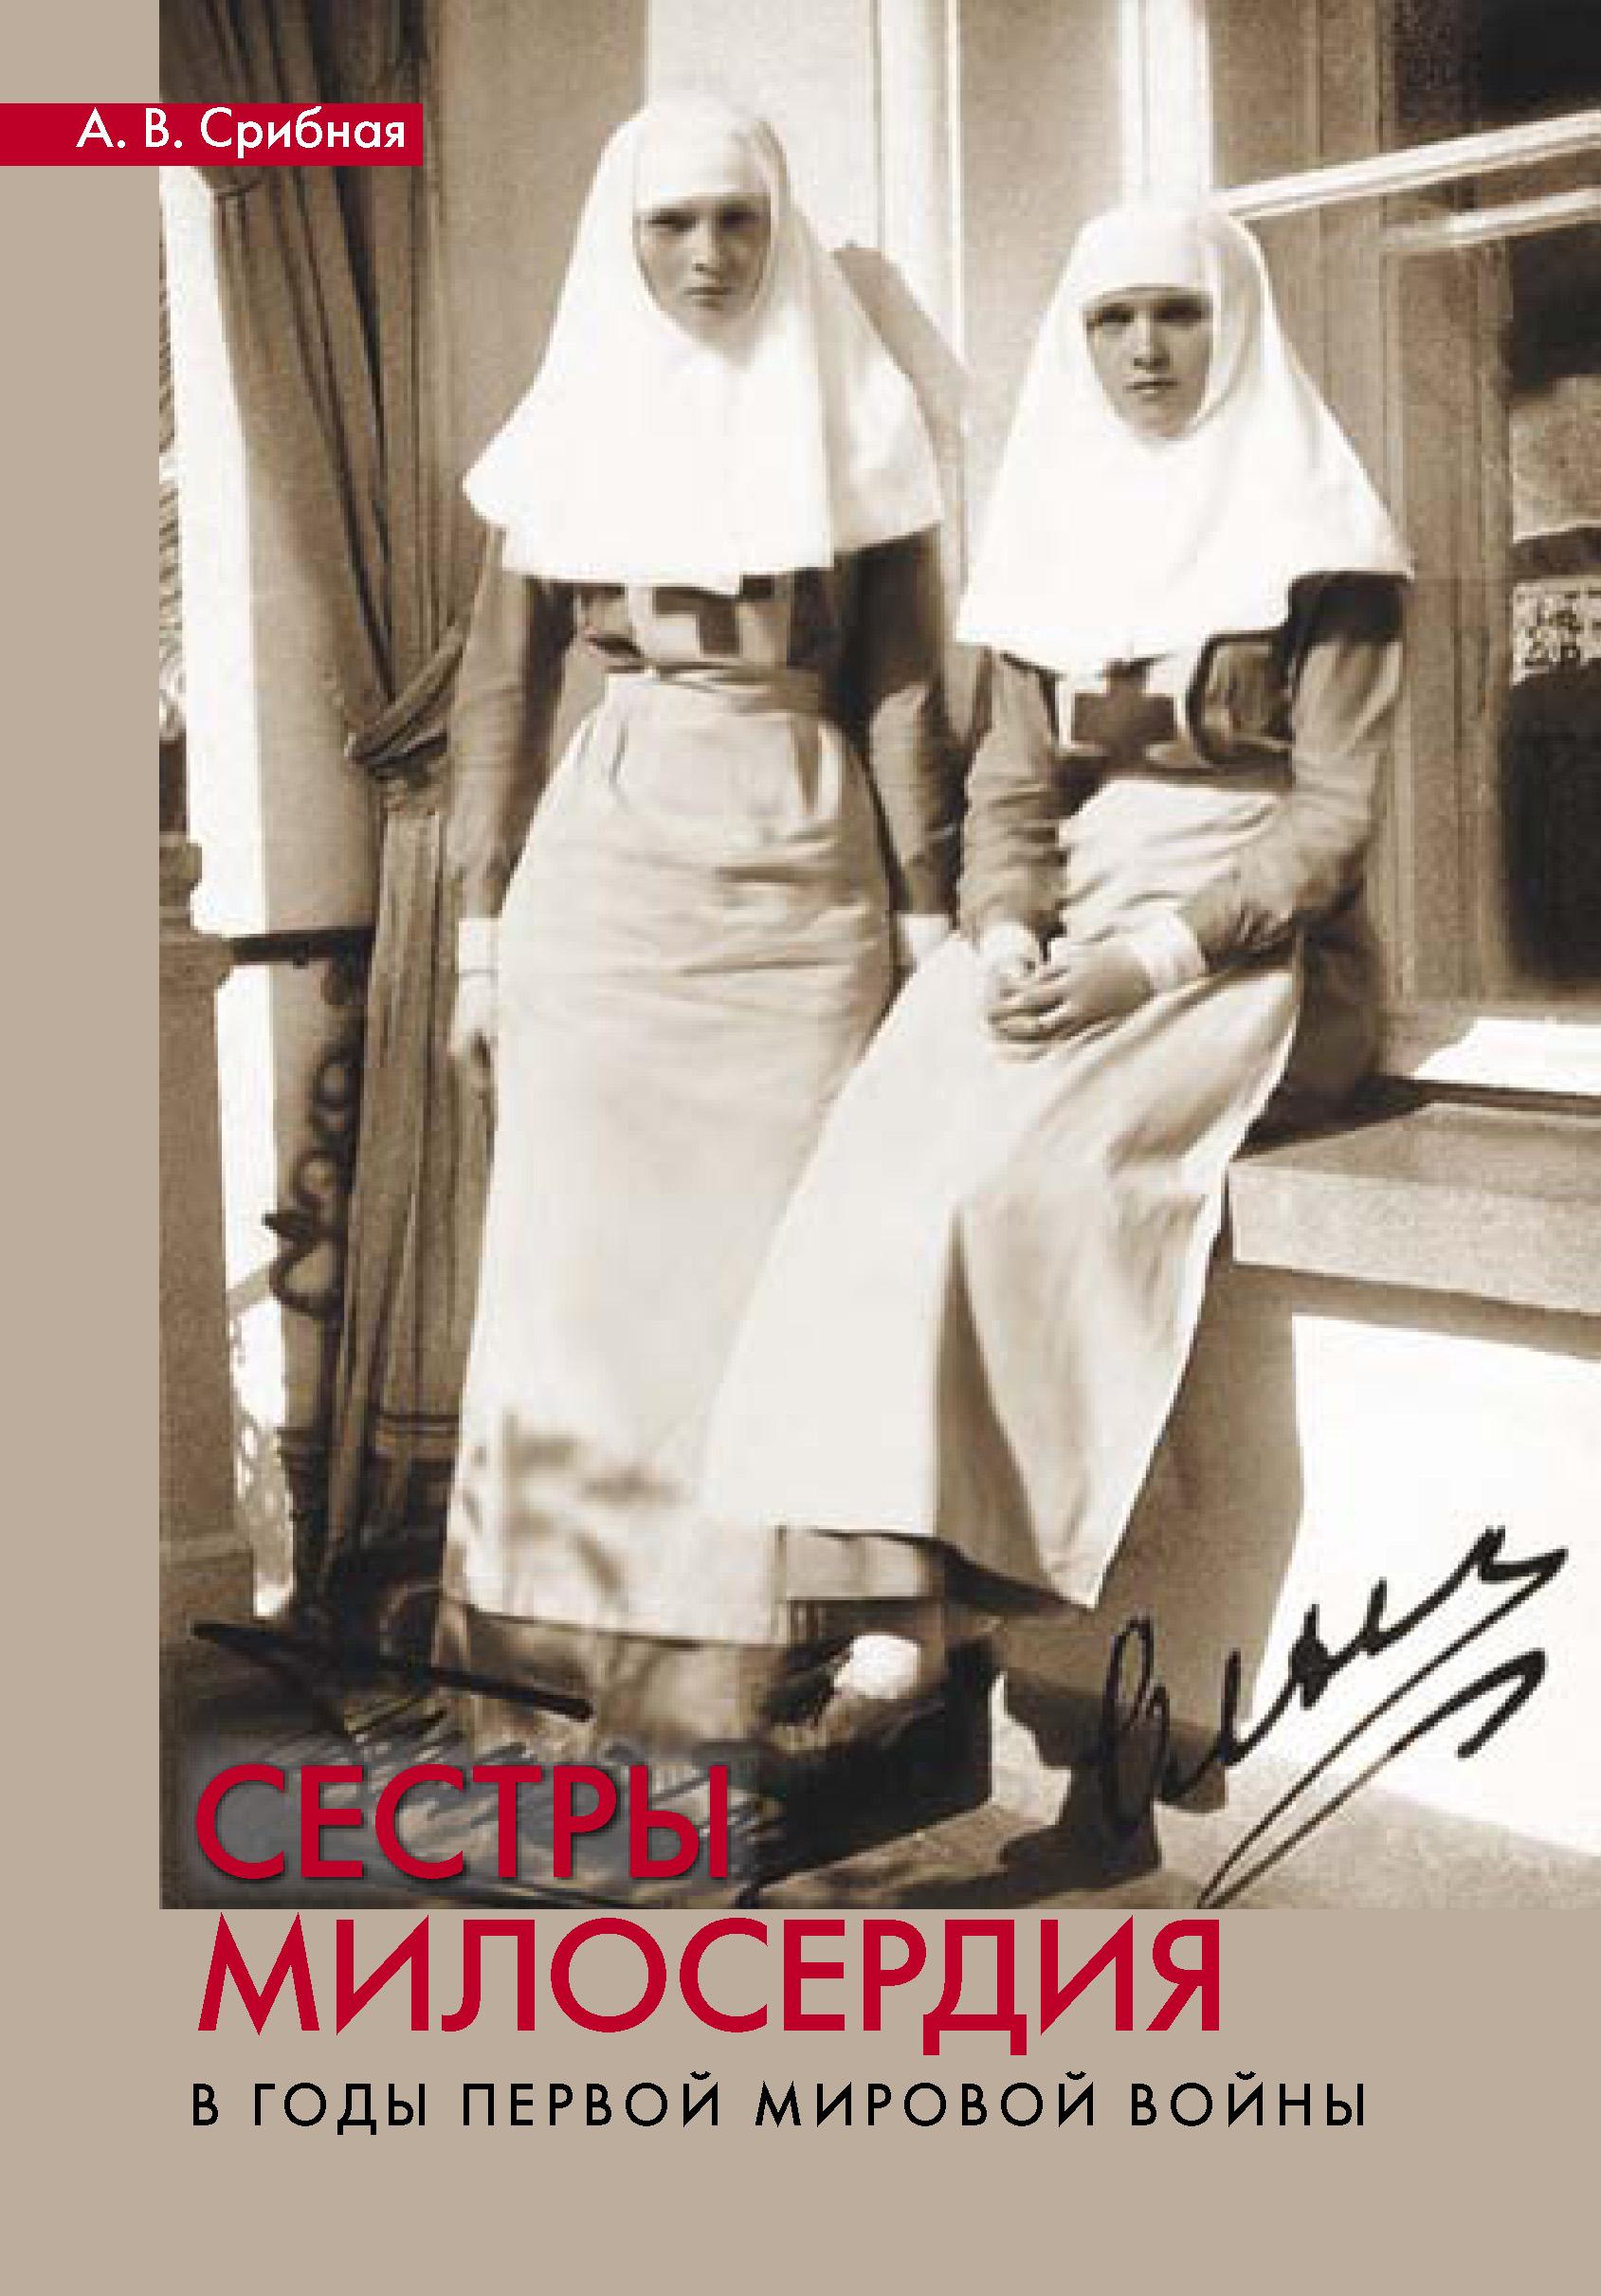 Анна Срибная Сестры милосердия в годы Первой мировой войны варнек т воспоминания сестры милосердия